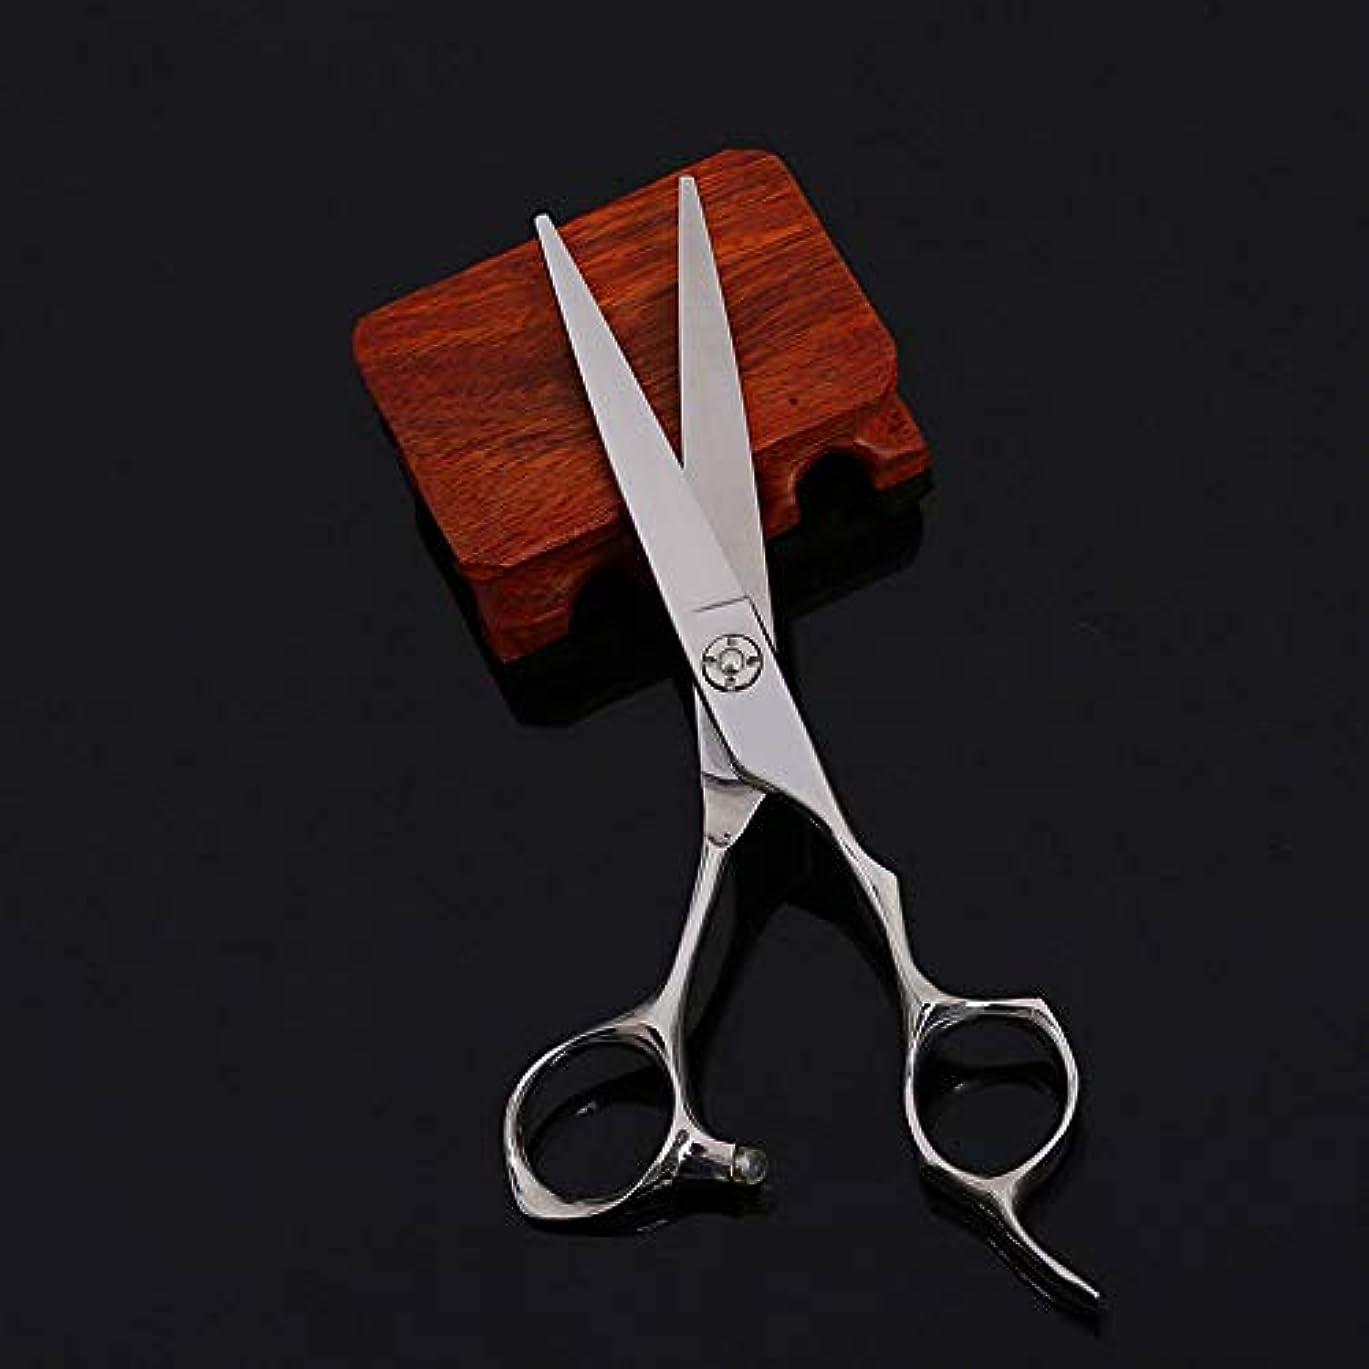 変装マリンお風呂を持っているWASAIO バーバープロフェッショナルヘアカットプレーンのはさみヘアカットはさみ間伐歯を設定理髪テクスチャーサロンレイザーエッジシザーとホーム工具6インチ (色 : Silver)